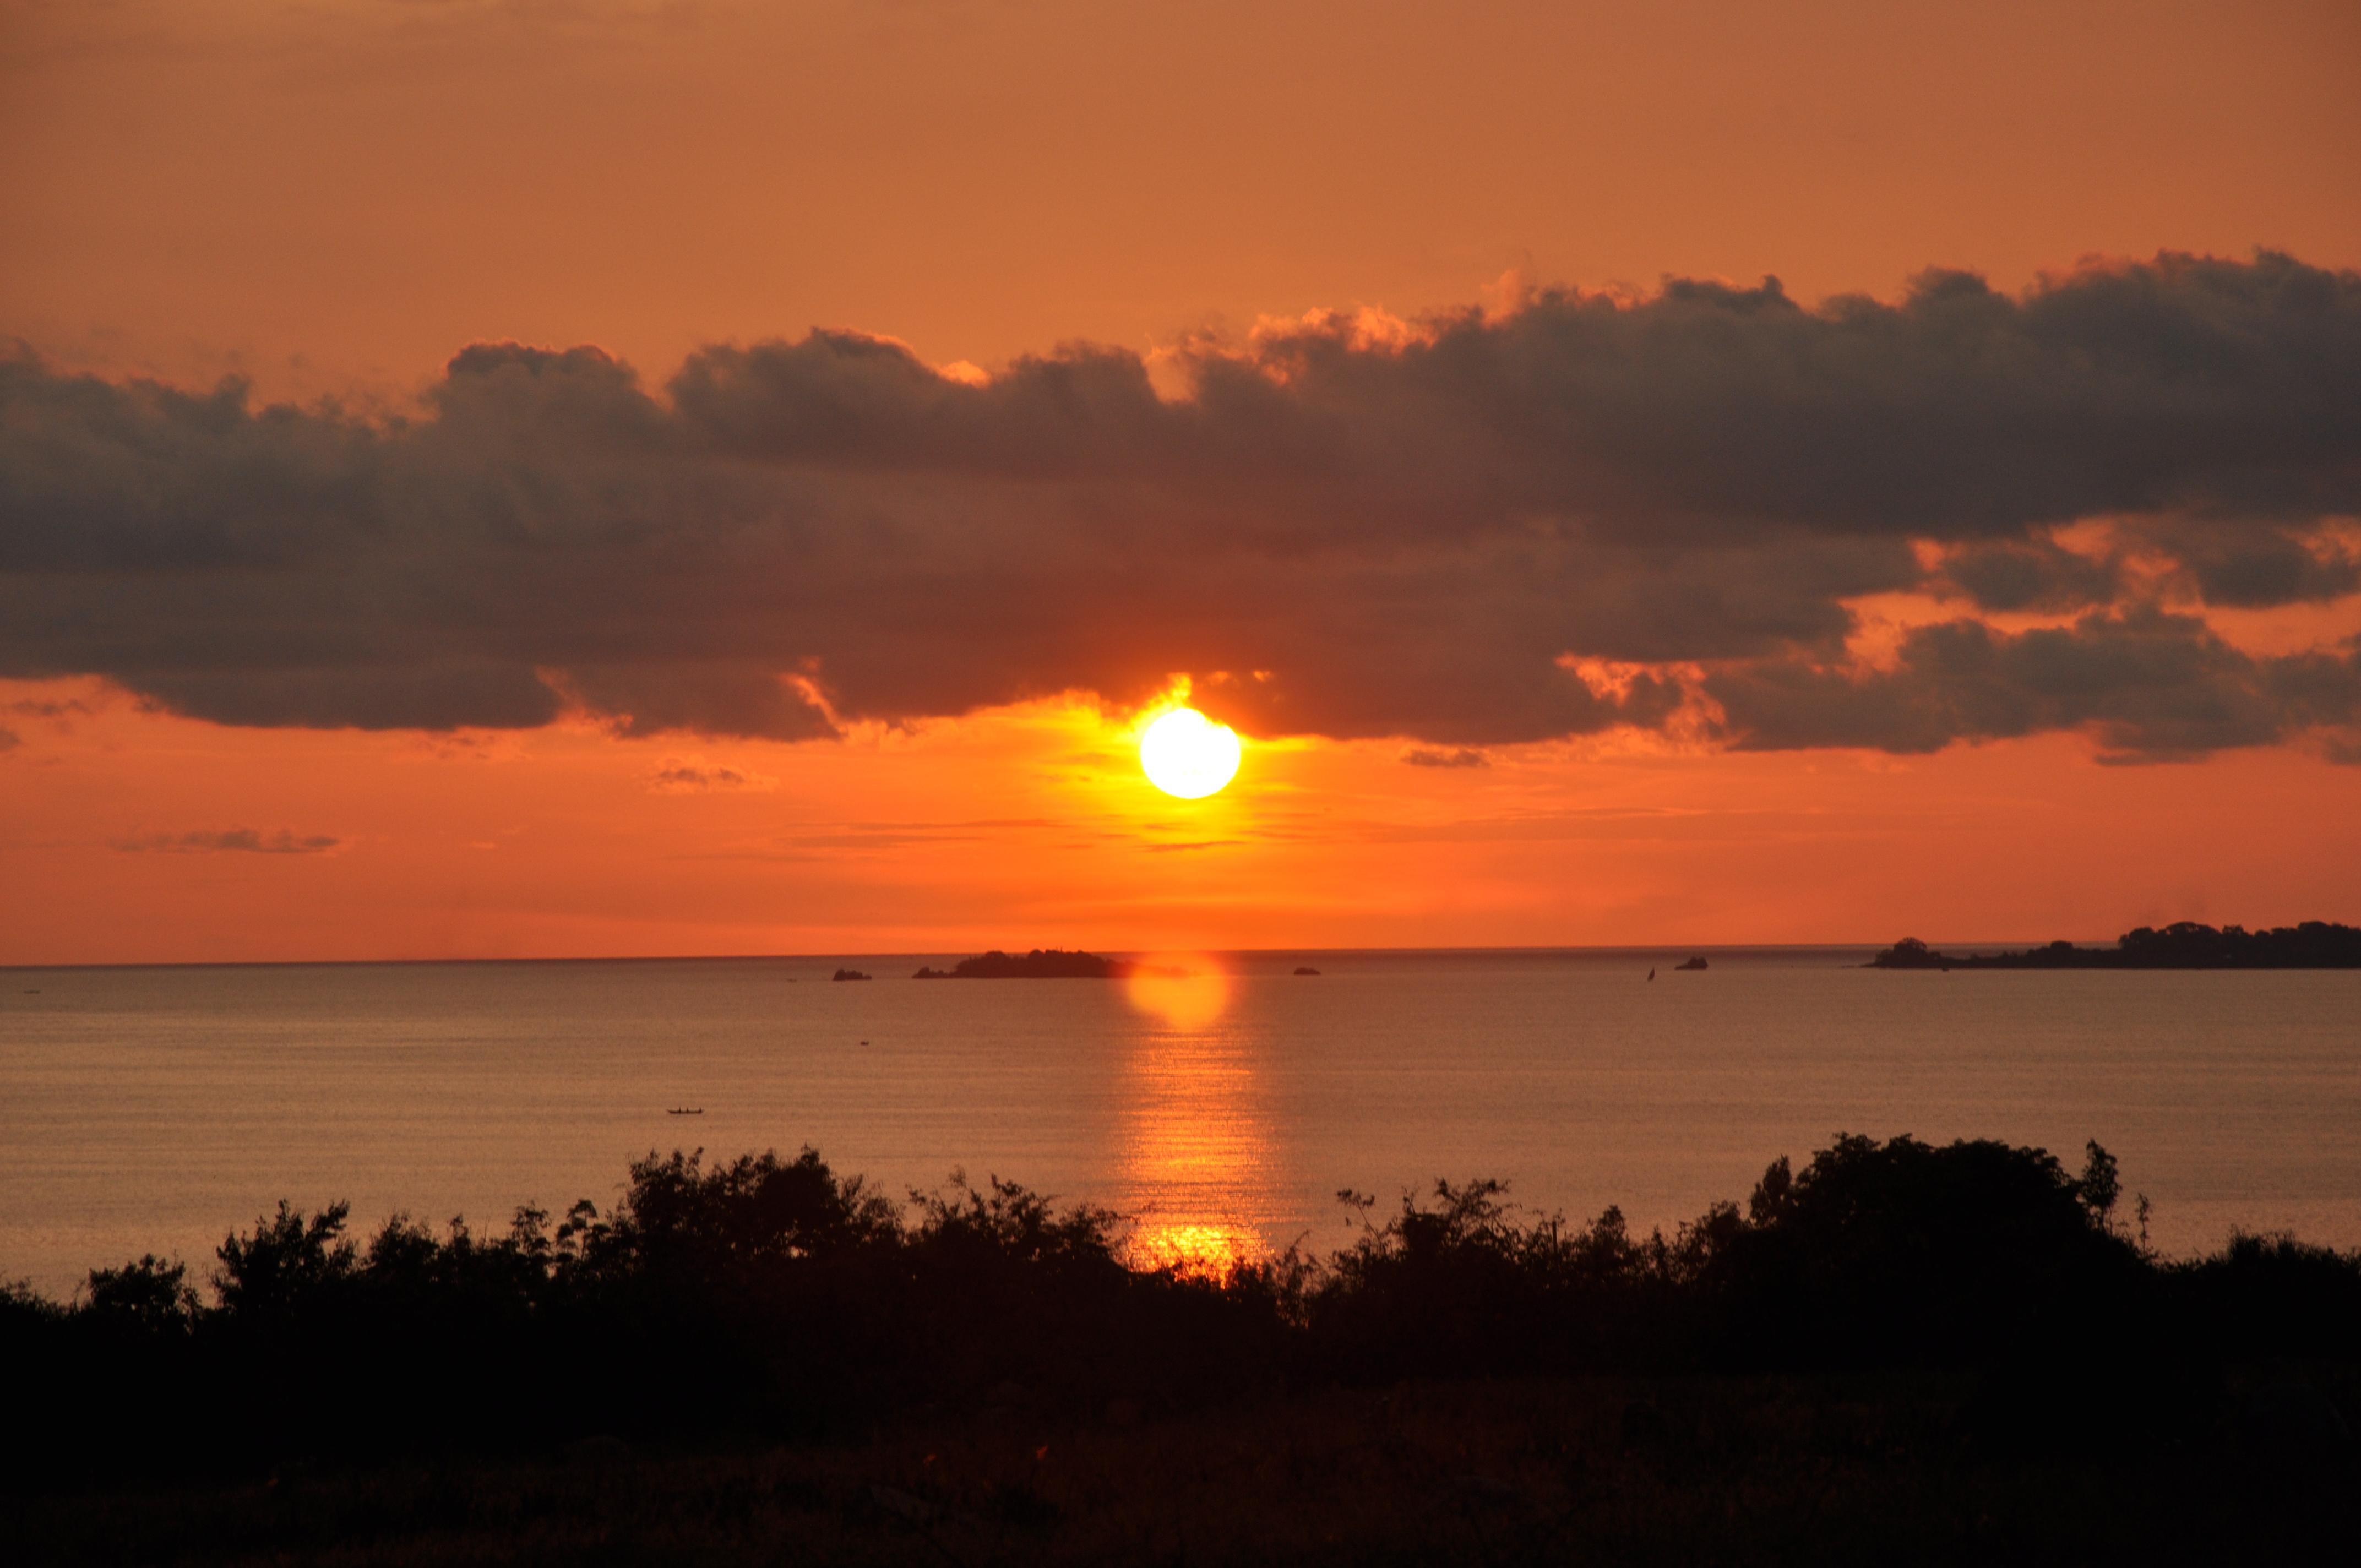 sunset-over-lake-victoria_11429816714_o